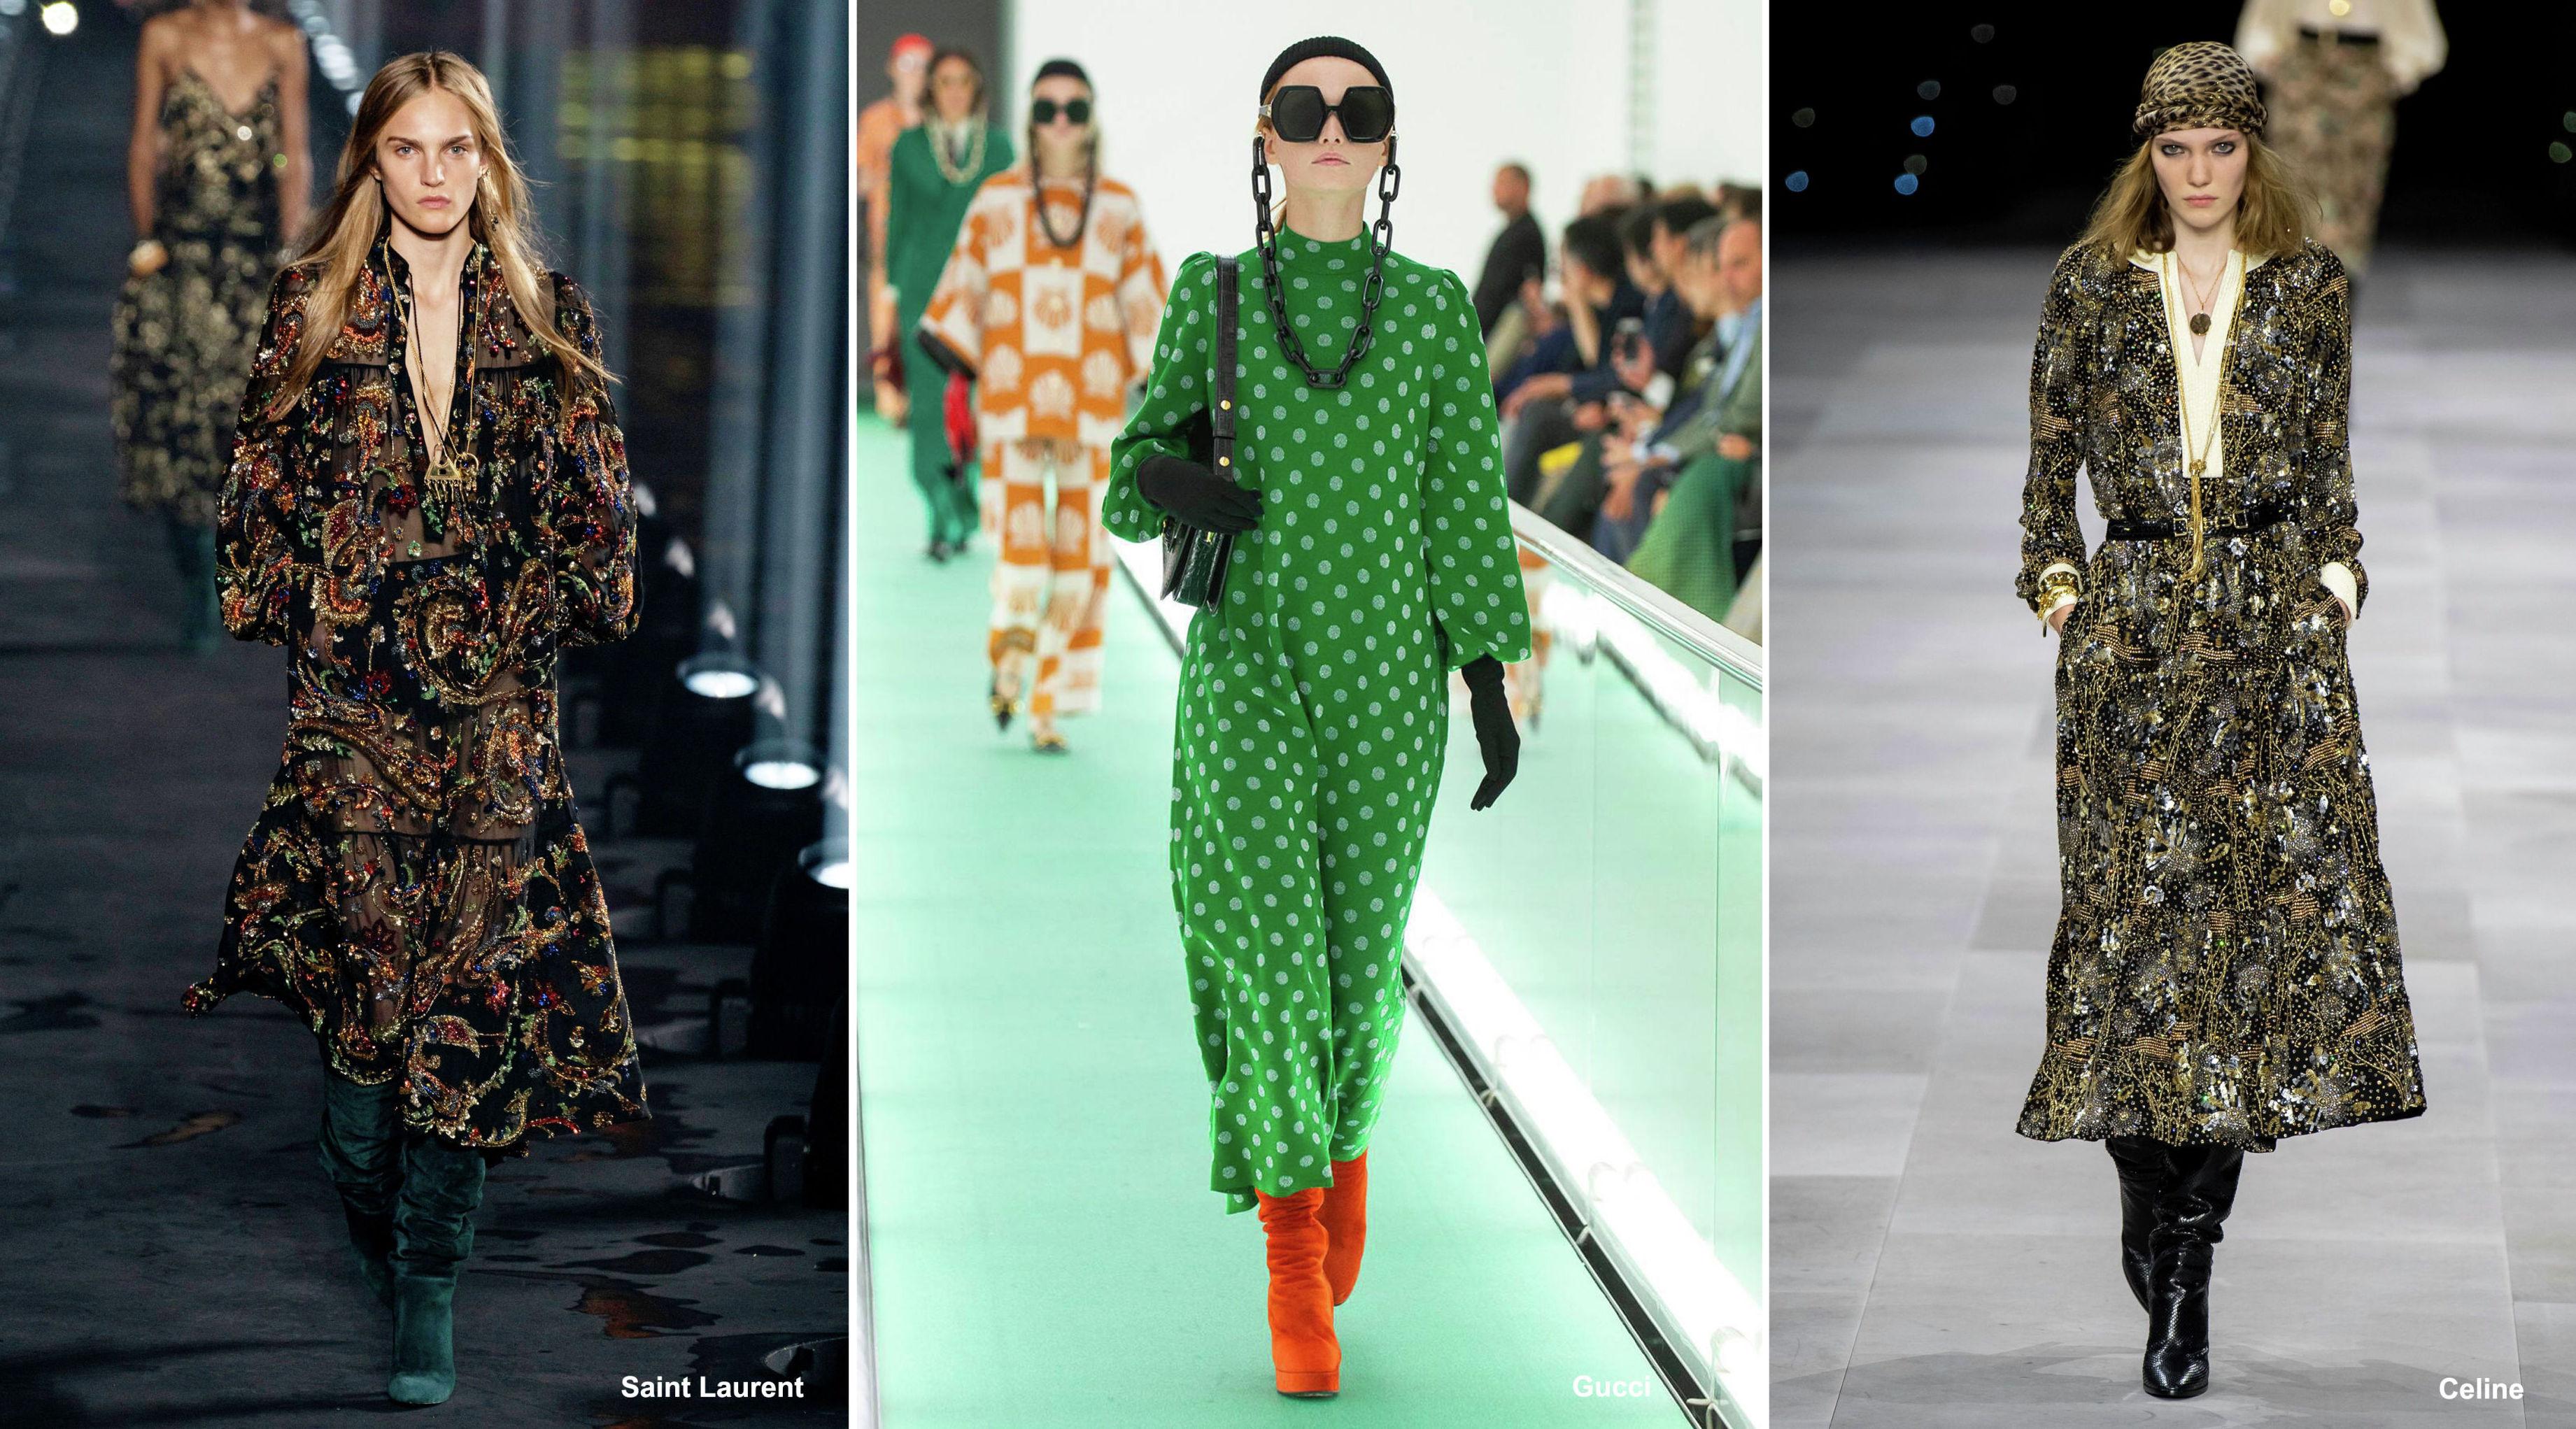 Платья из коллекций будущего сезона — Saint Laurent, Gucci и Celine, весна-лето – 2020